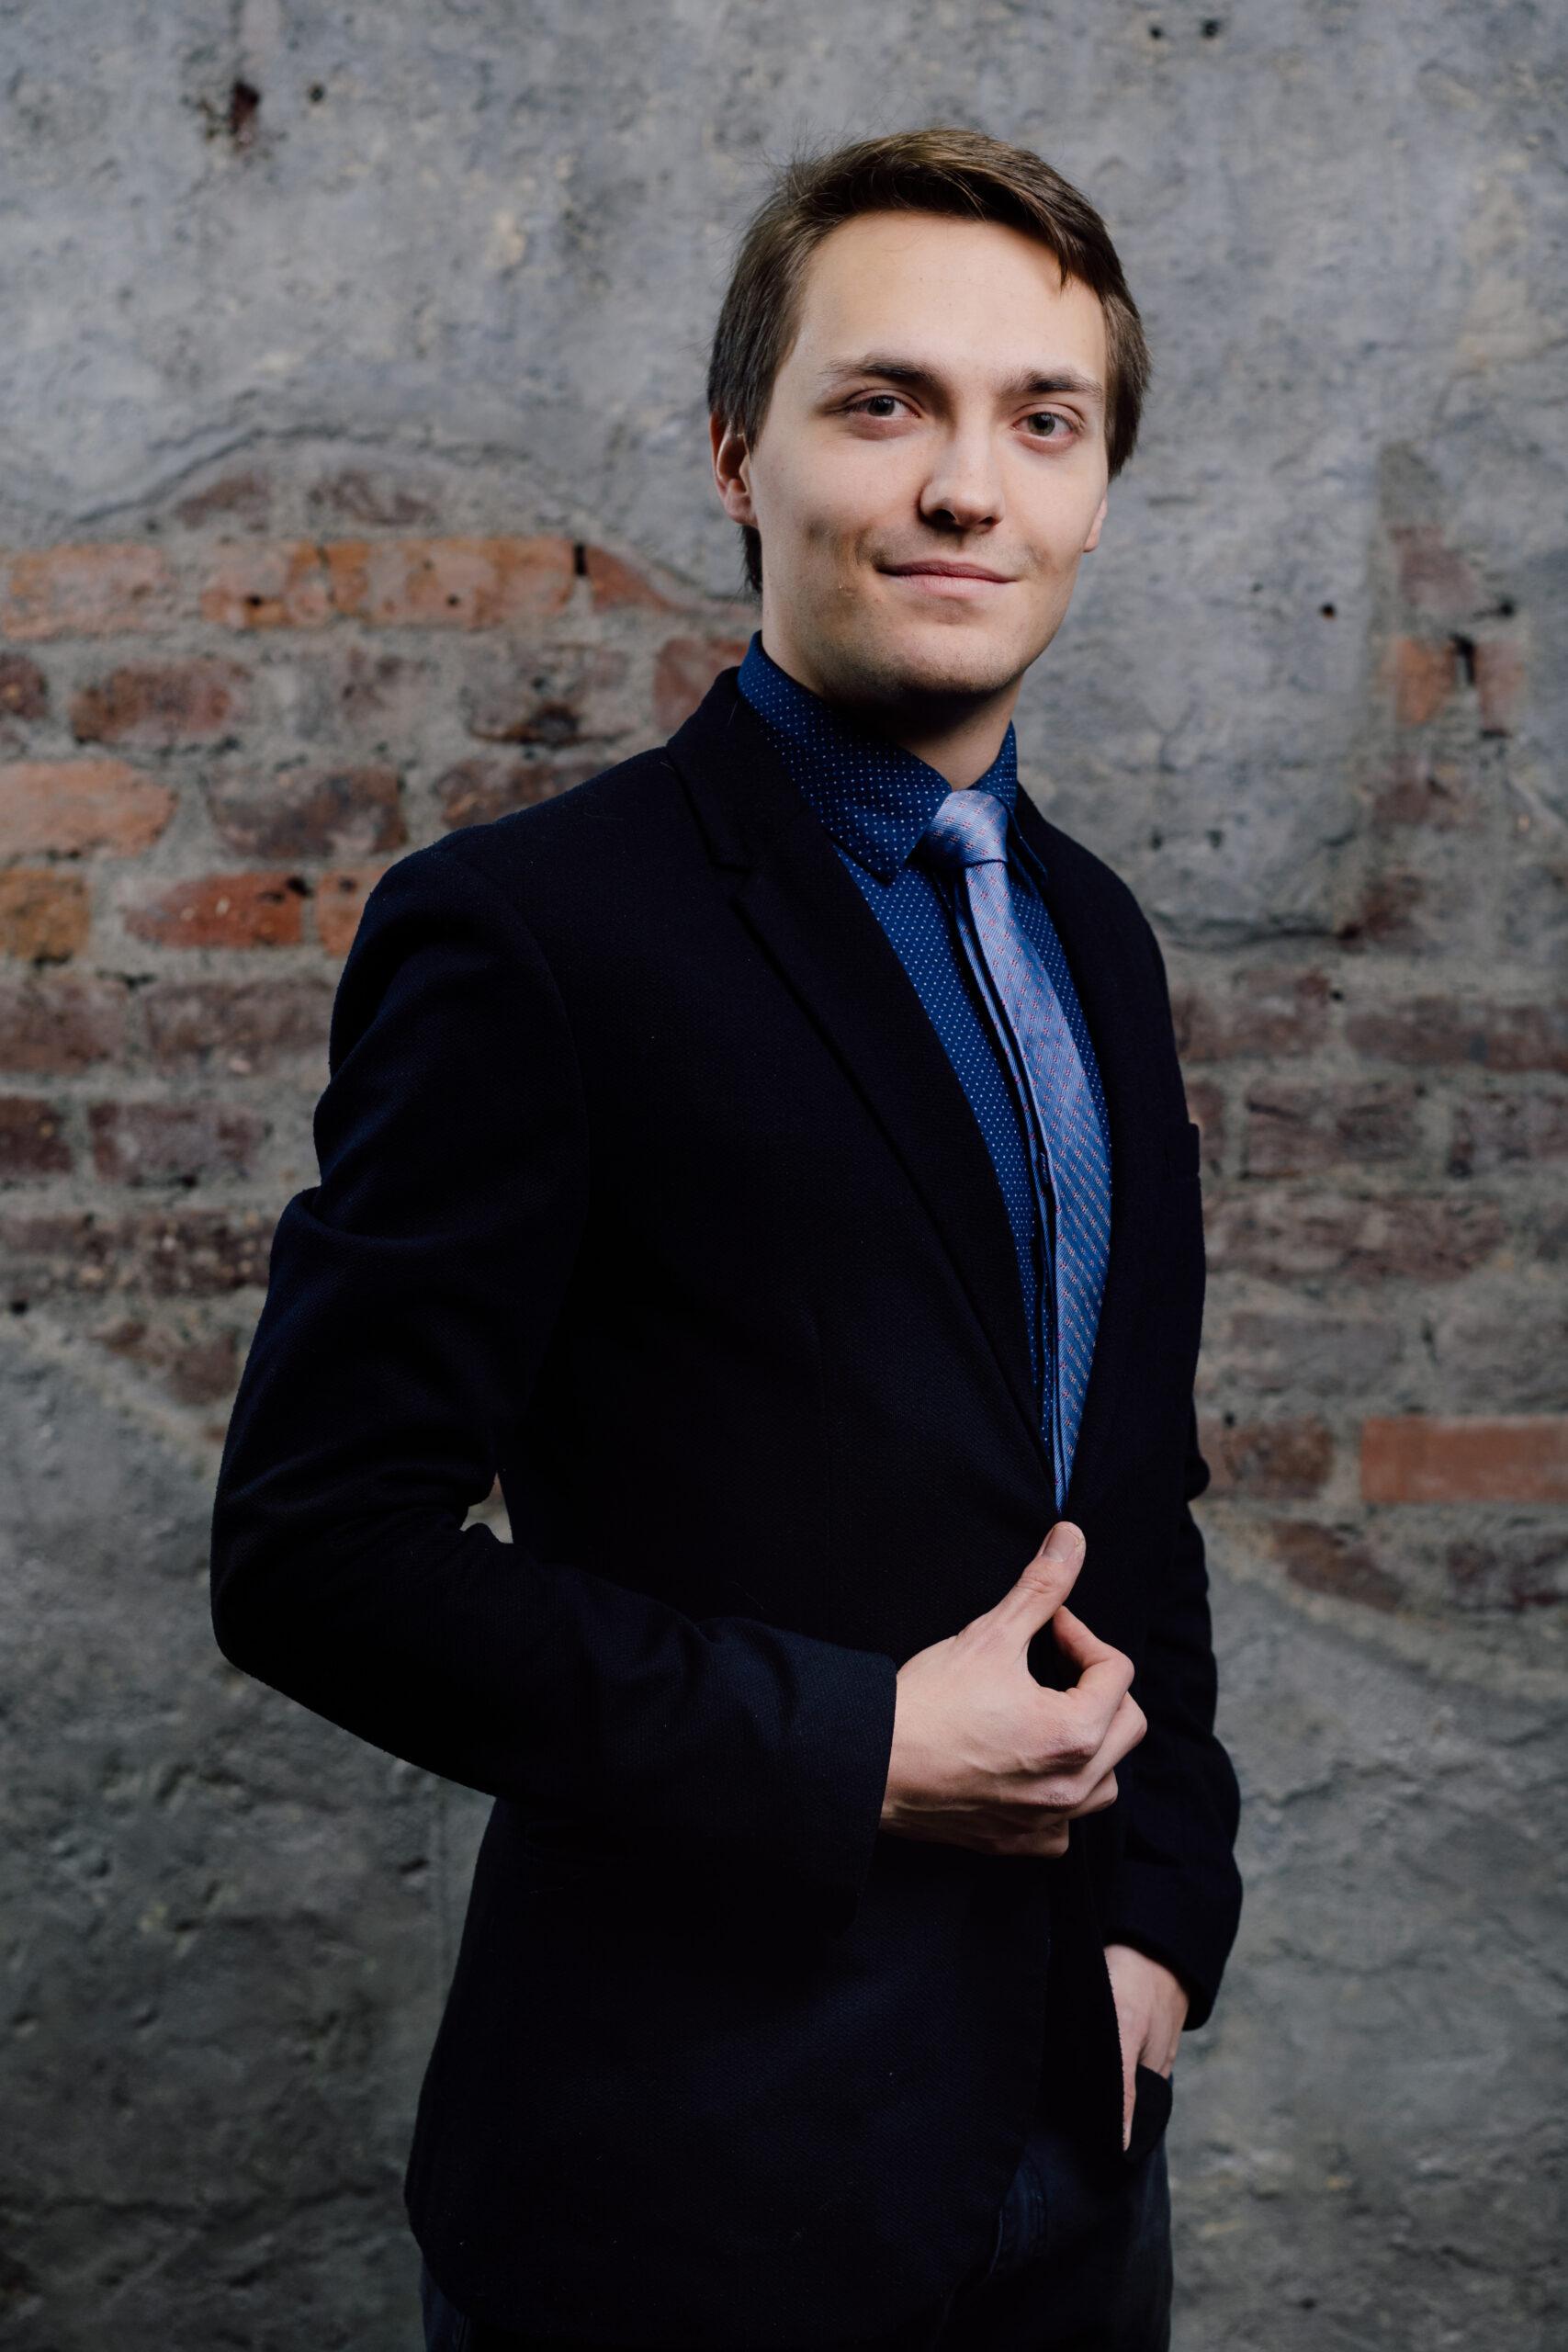 Patryk Przyjemski